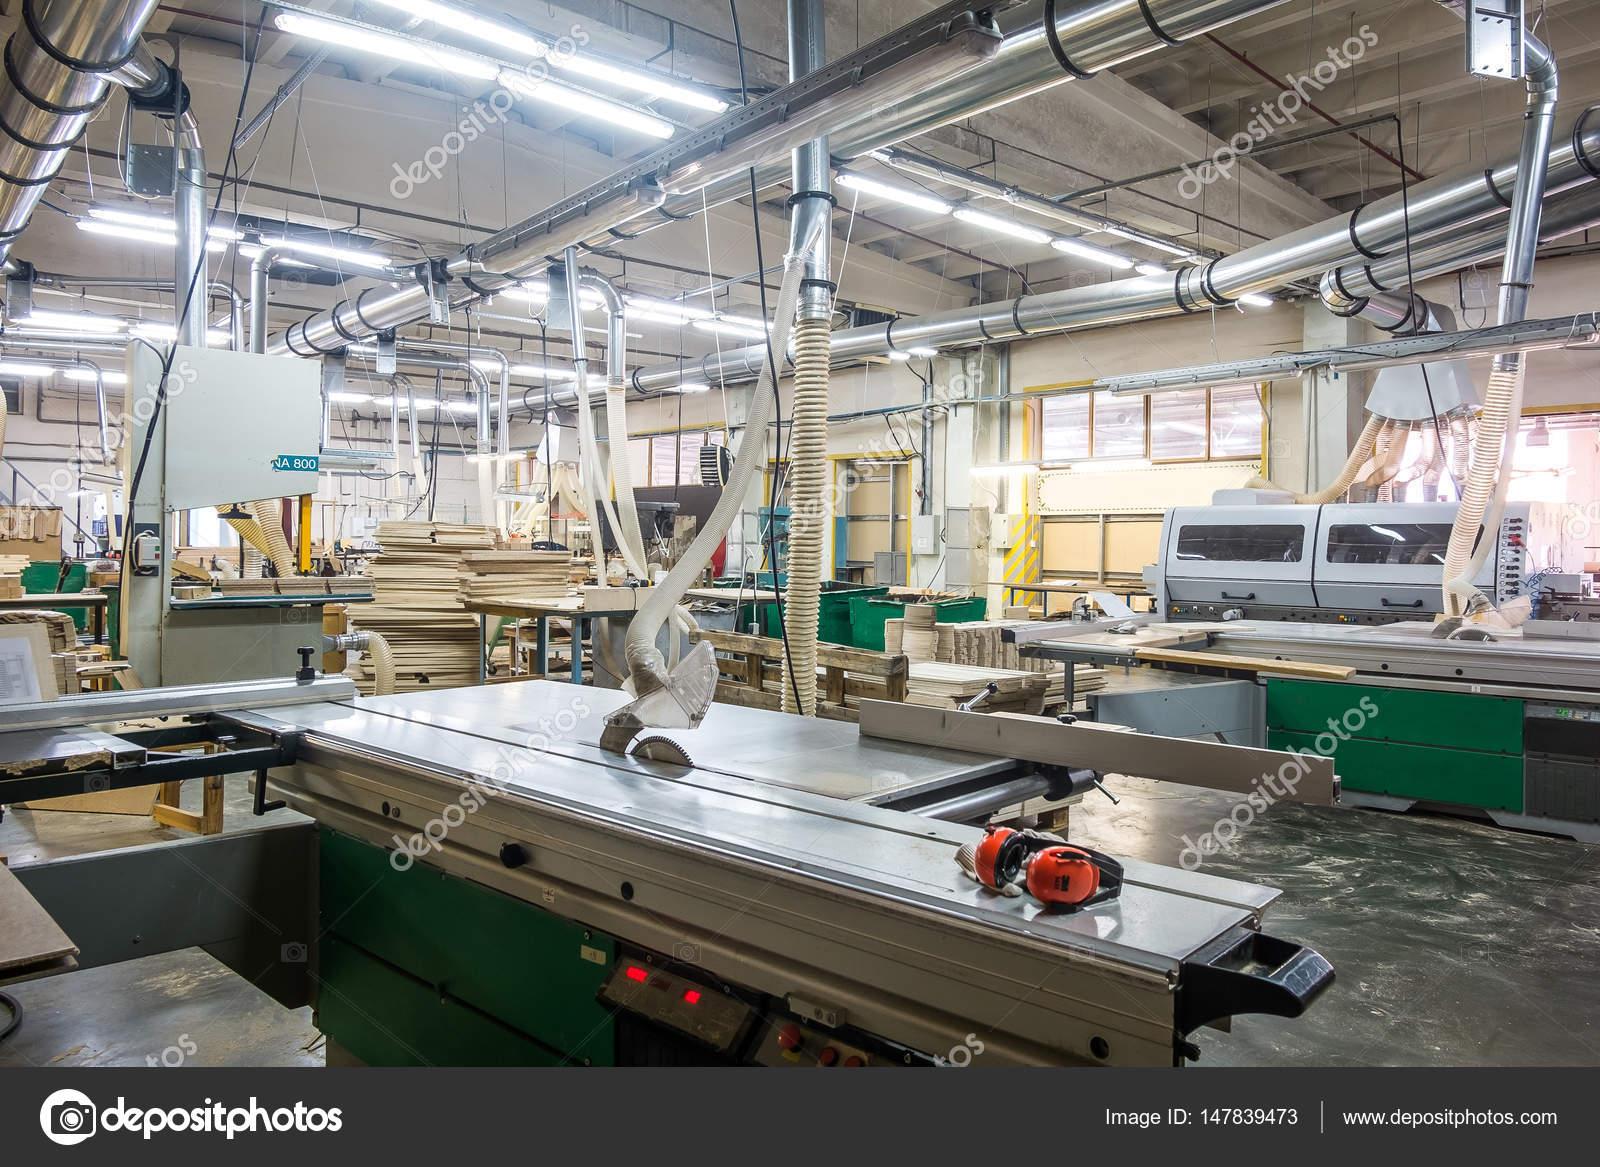 Officina per la produzione di mobili in legno in fabbrica for Produzione di mobili